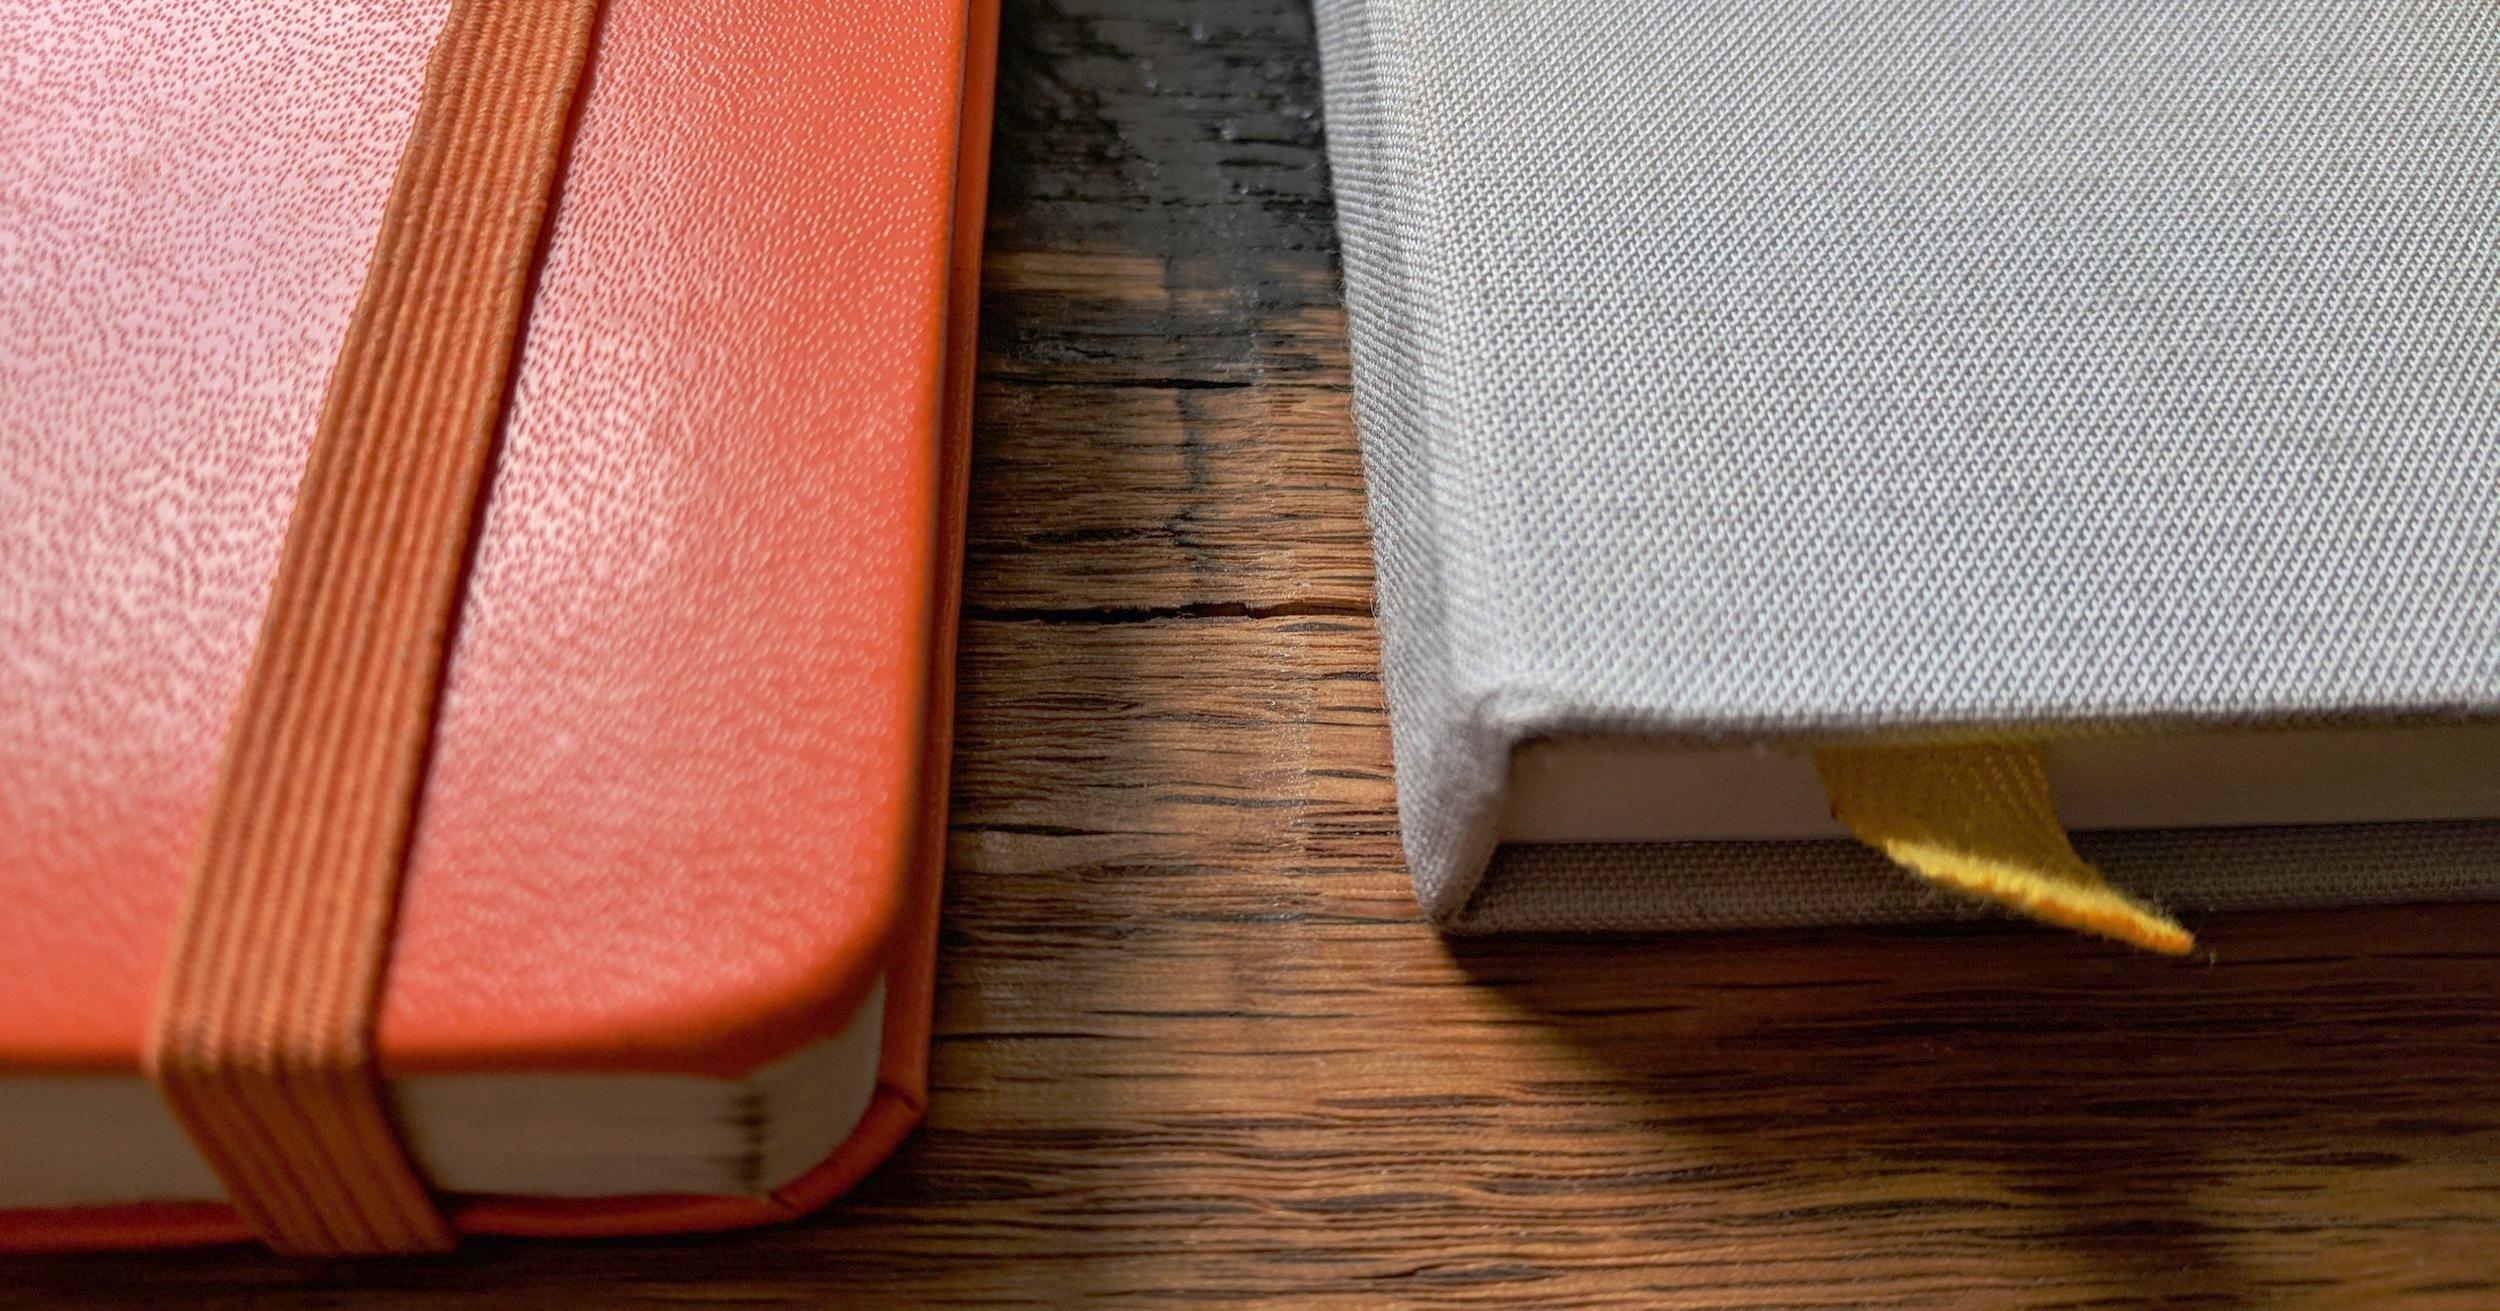 Baron Fig Confidant Notebook Review Leuchtturm Cover Texture Comparison.jpg